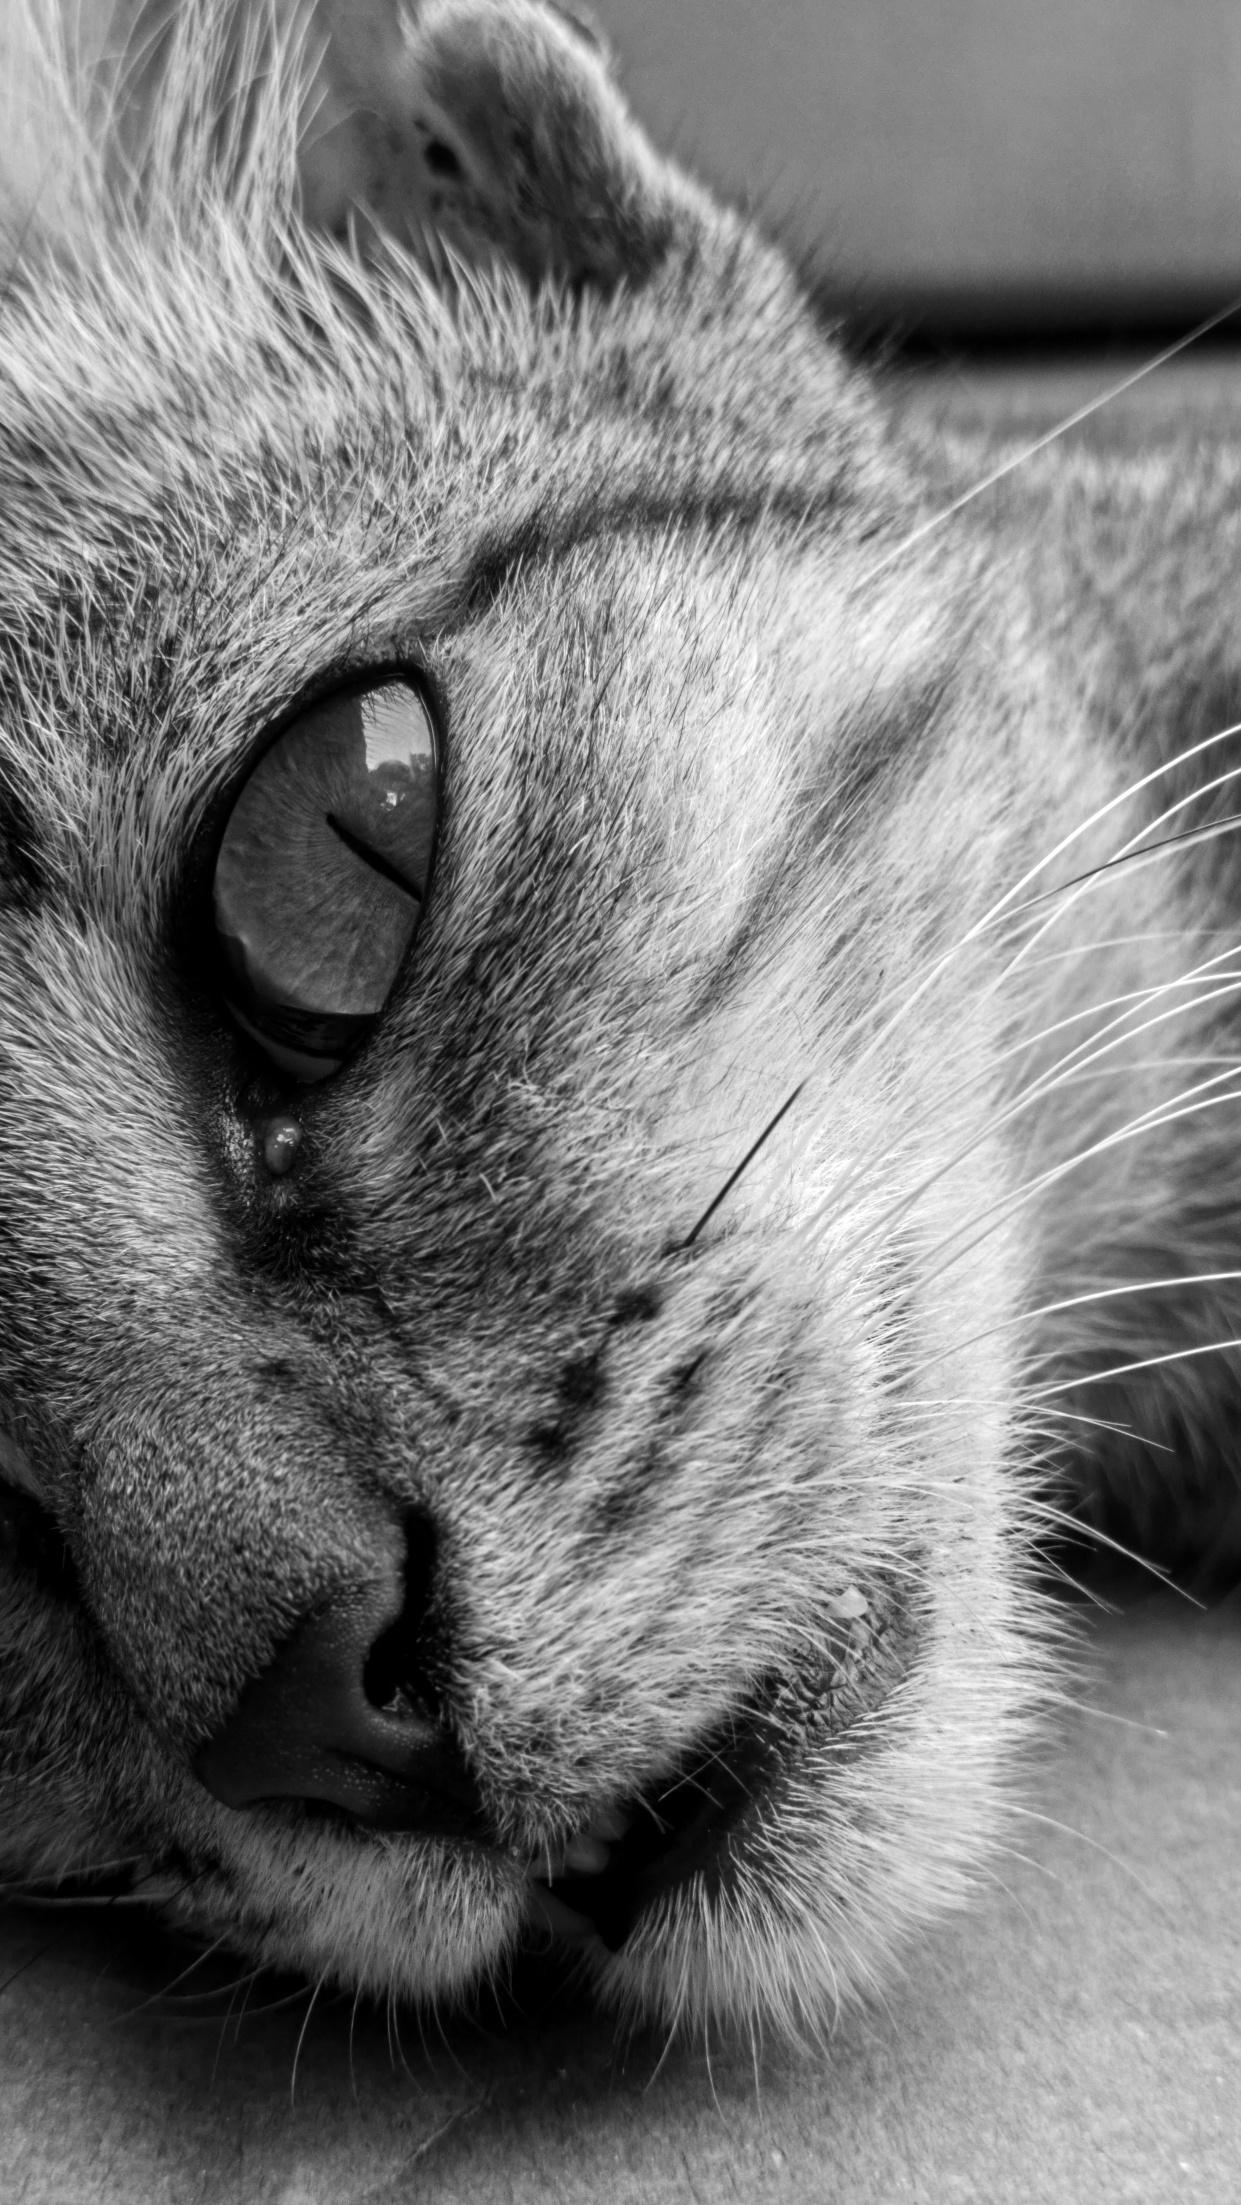 Meow - N9PV B&W.jpg